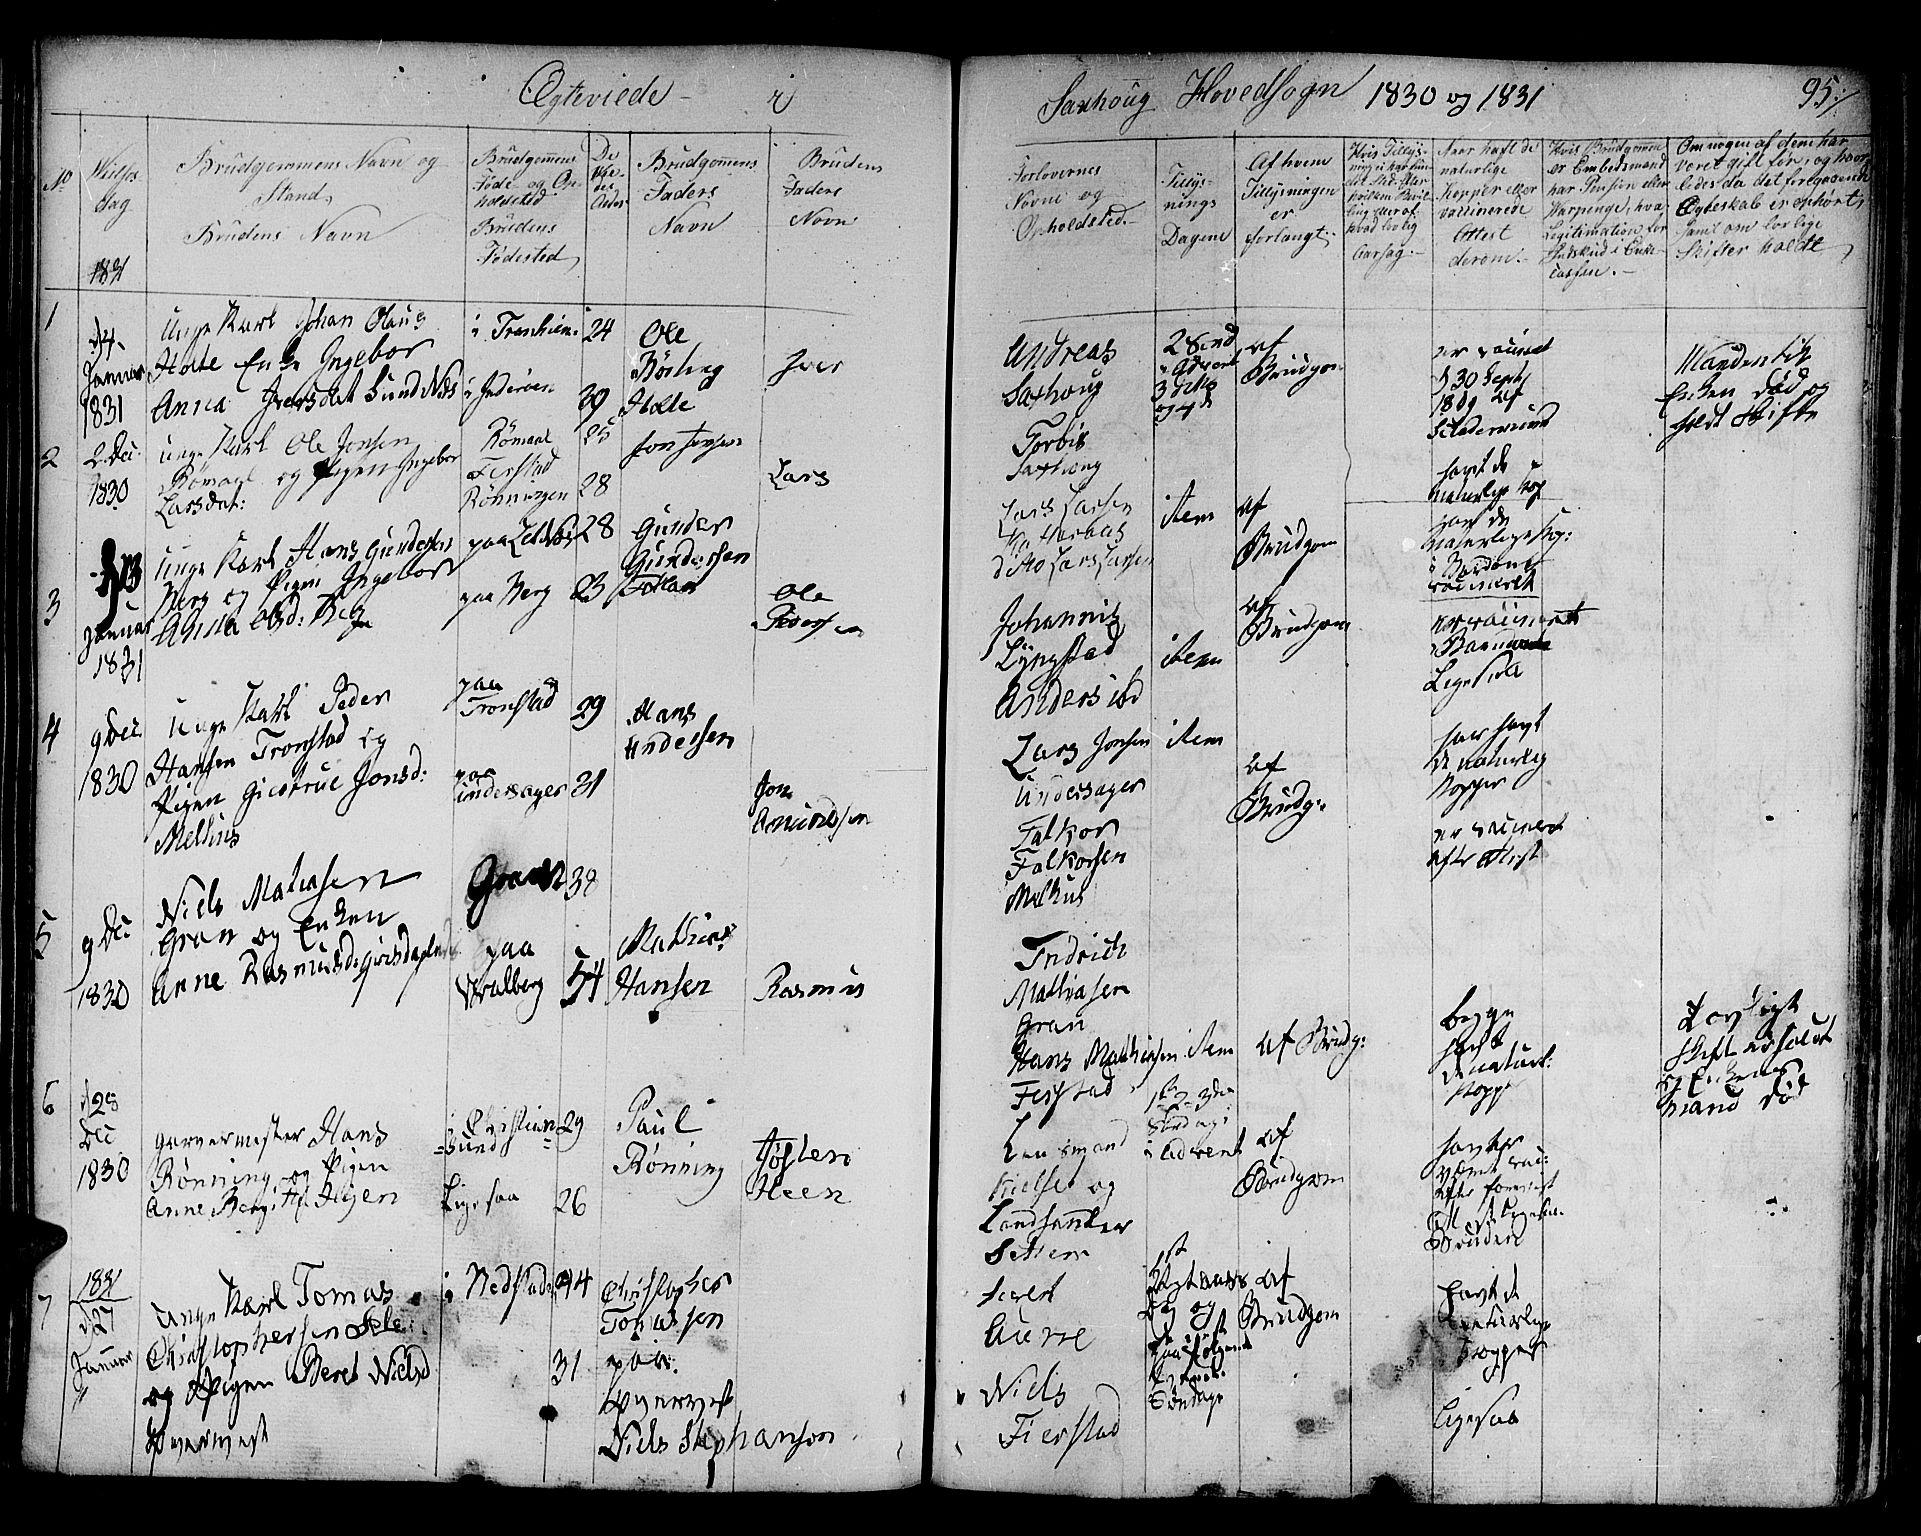 SAT, Ministerialprotokoller, klokkerbøker og fødselsregistre - Nord-Trøndelag, 730/L0277: Ministerialbok nr. 730A06 /1, 1830-1839, s. 95